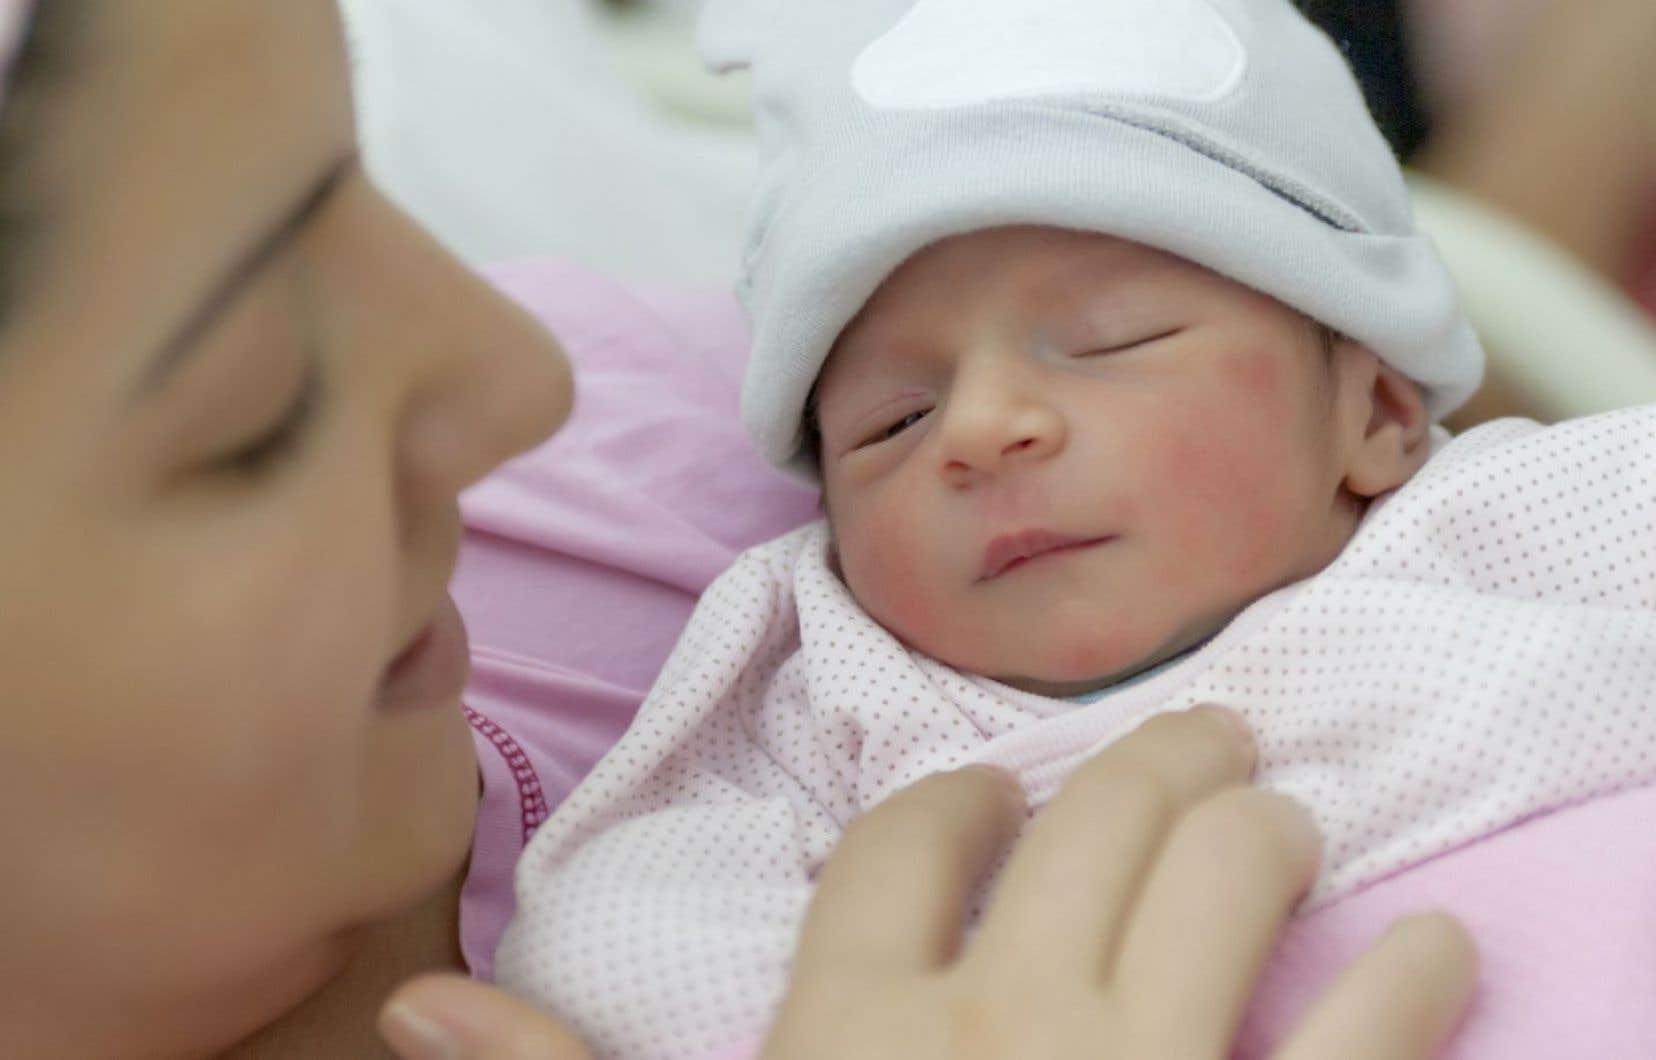 Les conjonctivites du nouveau-né sont presque toujours bénignes, mais celles causées par ces deux agents infectieux peuvent avoir de graves répercussions, allant jusqu'à la cécité.